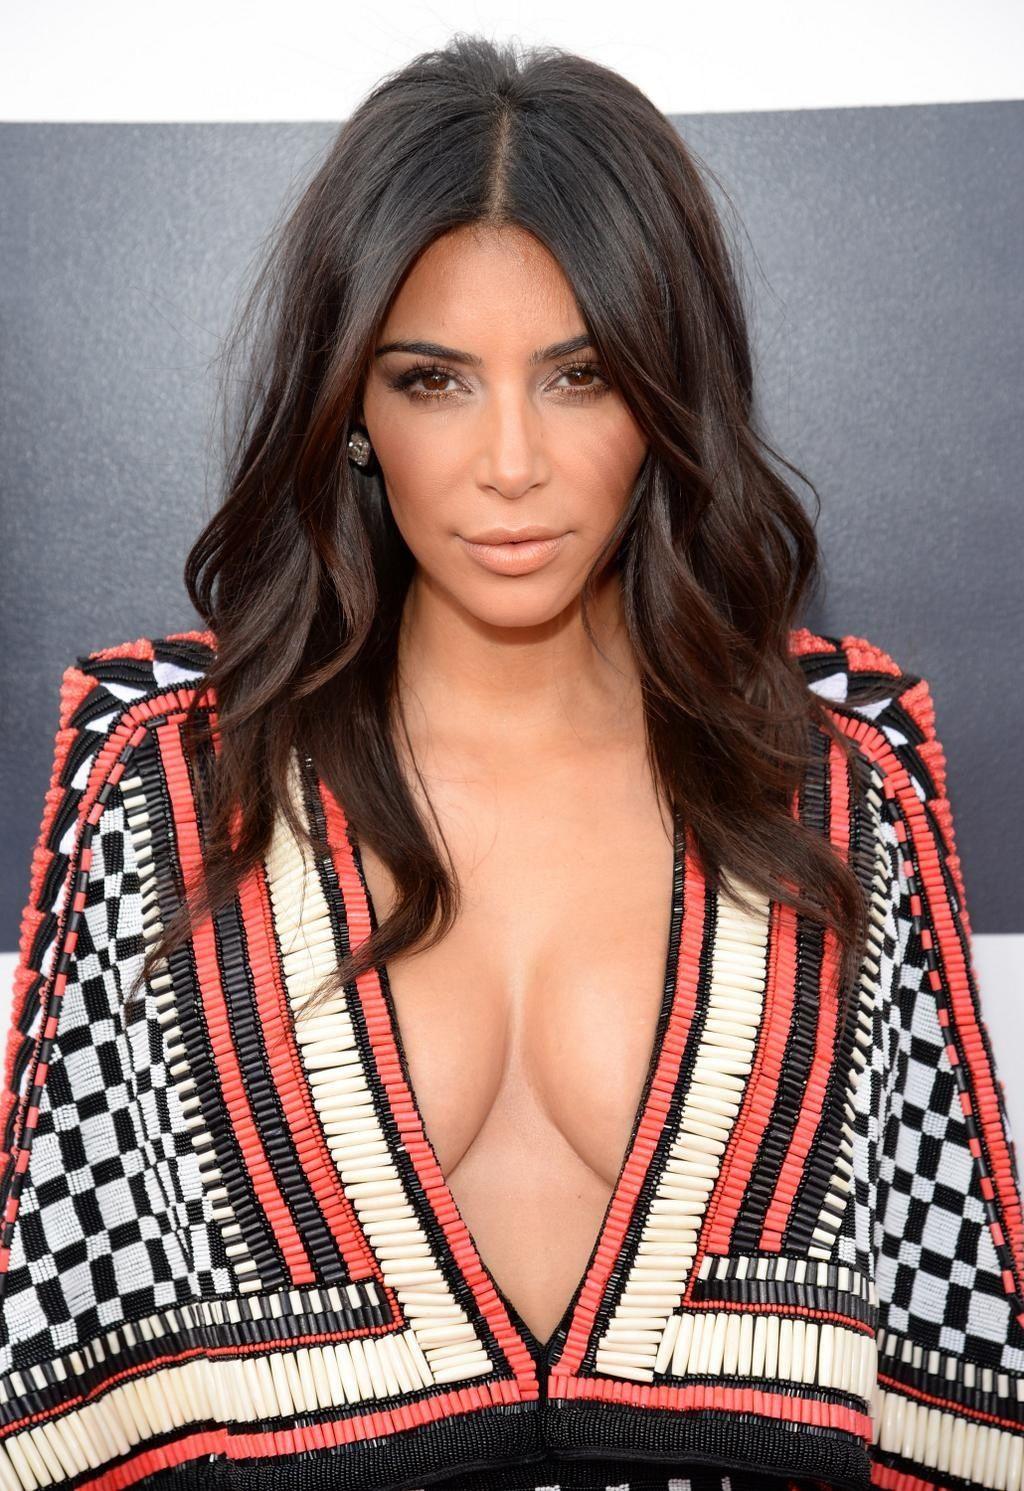 VMA's 2014 Kim Kardashian West | Haarschnitte in 2019 ...